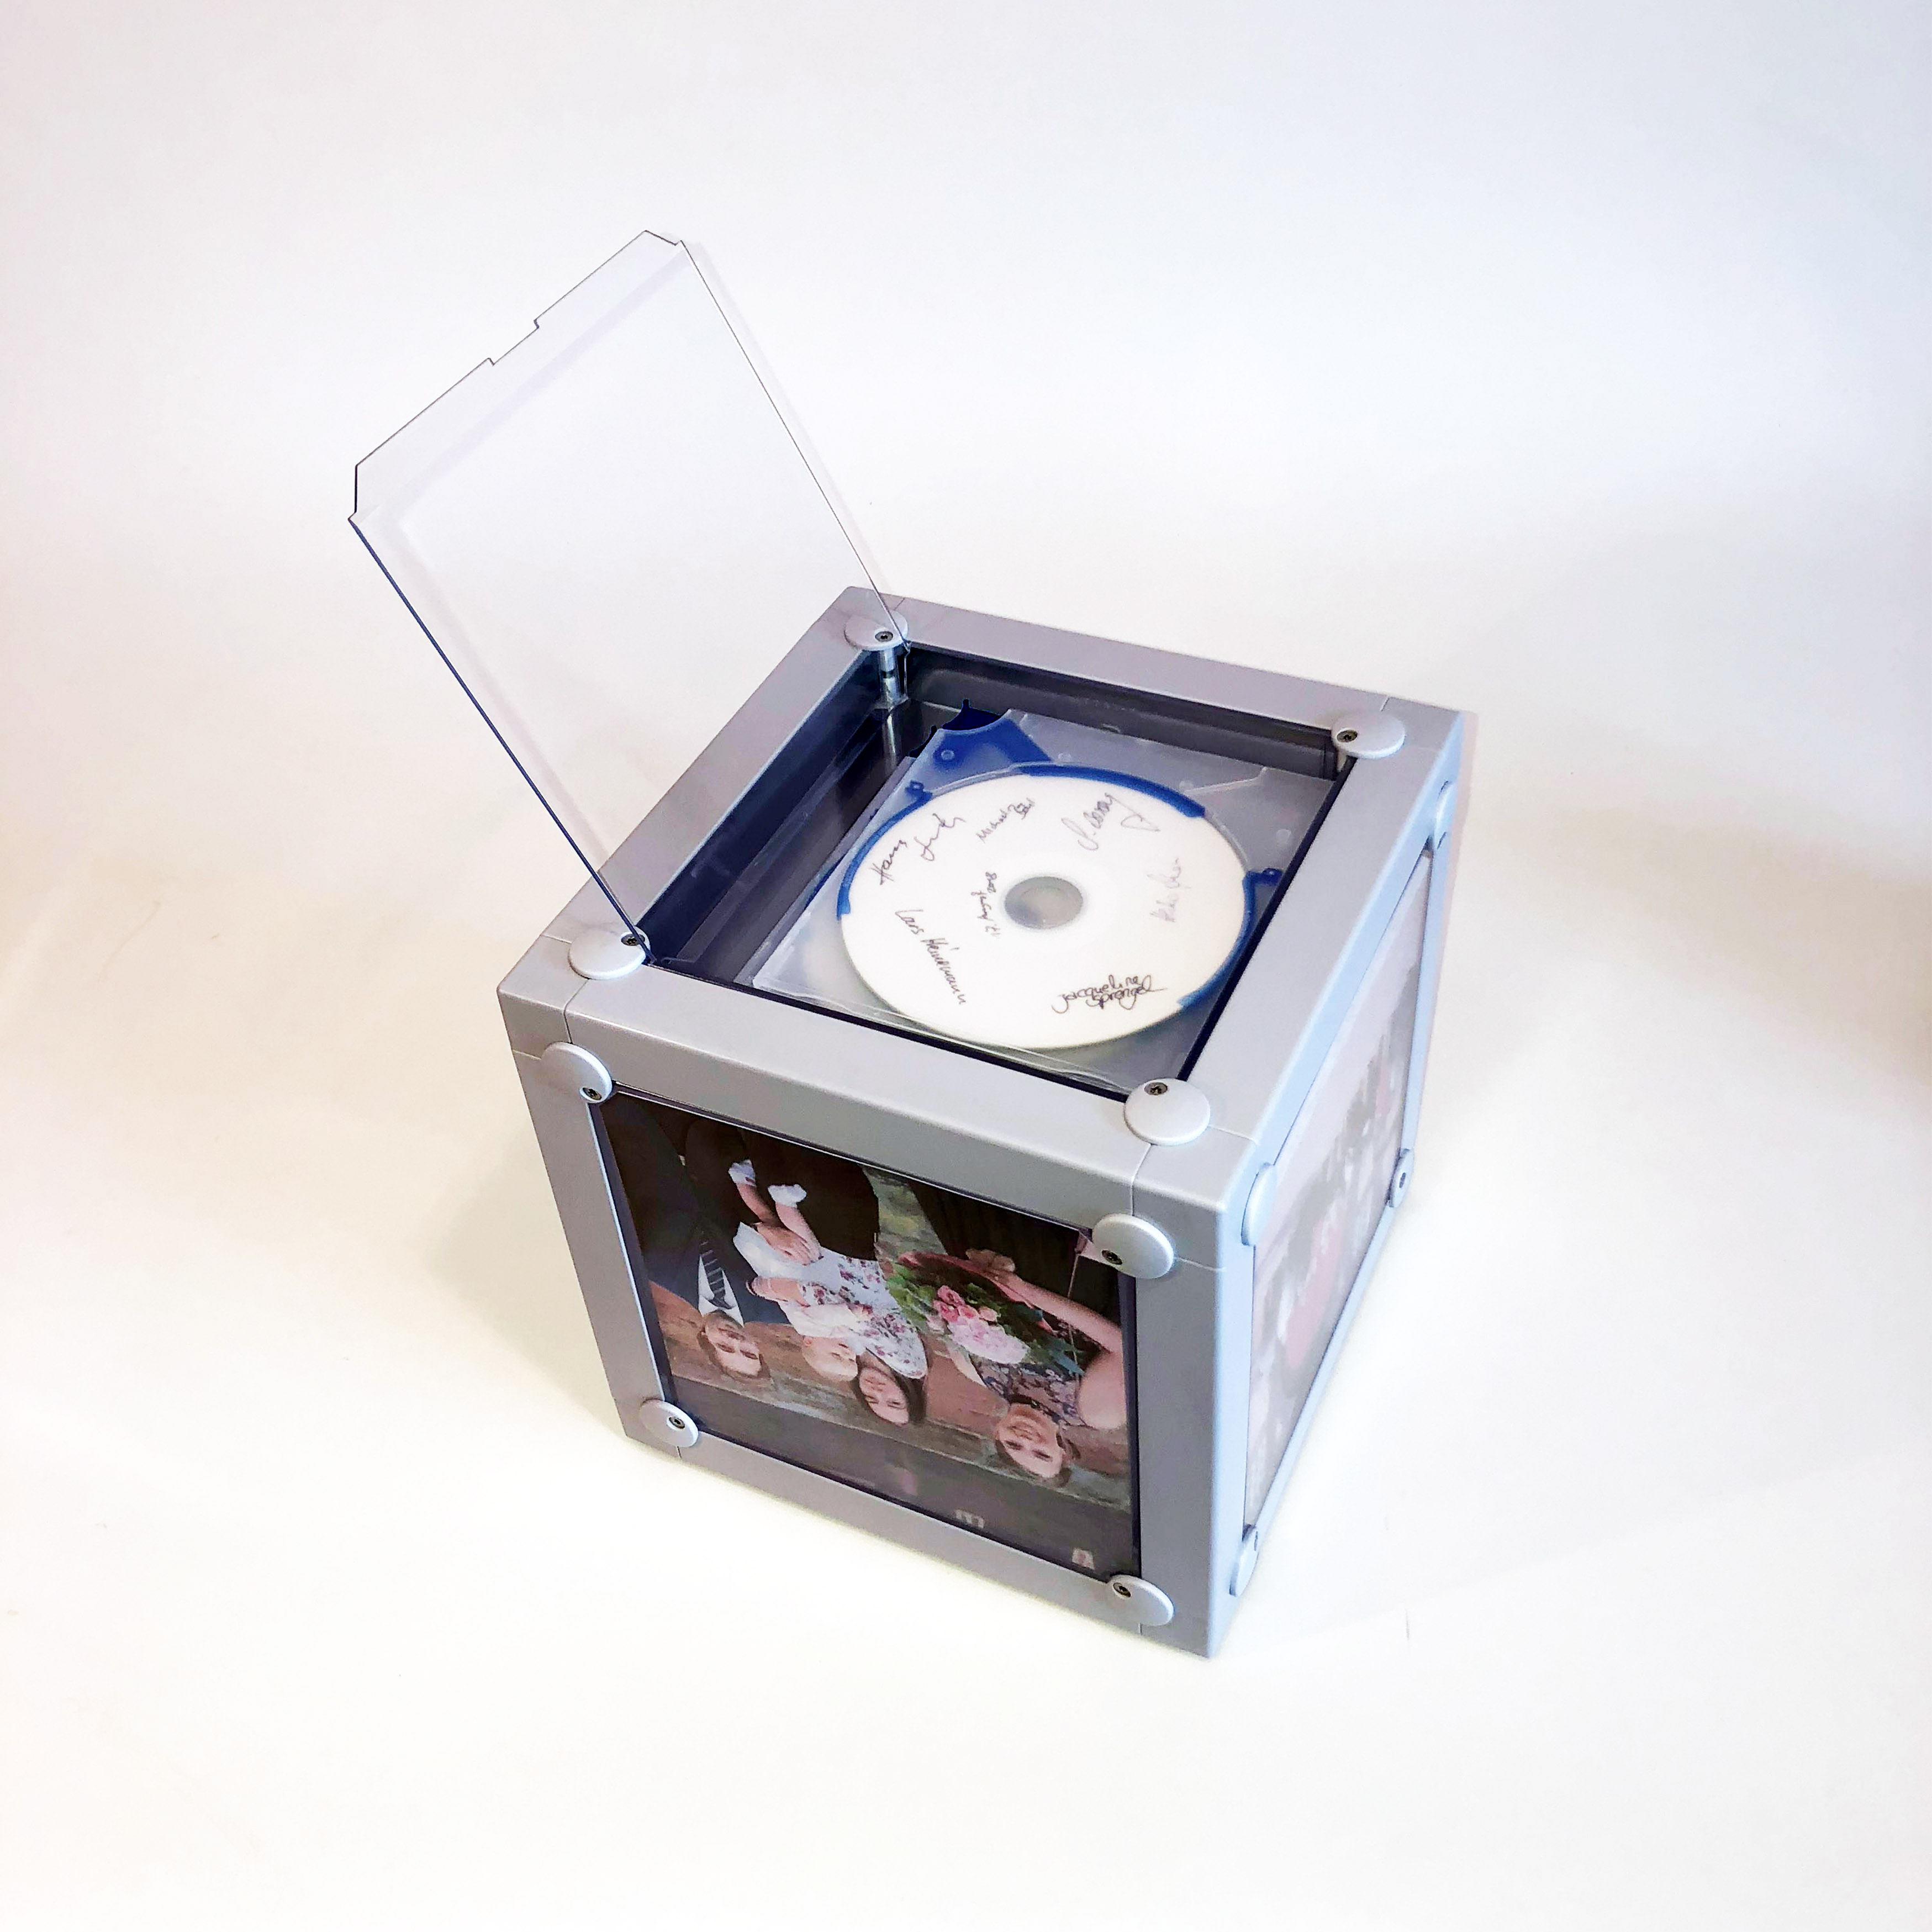 x-cett Geschenk personalisiert Idee besonders kreativ bilder fotos mobeliar Deko Dekoartikel